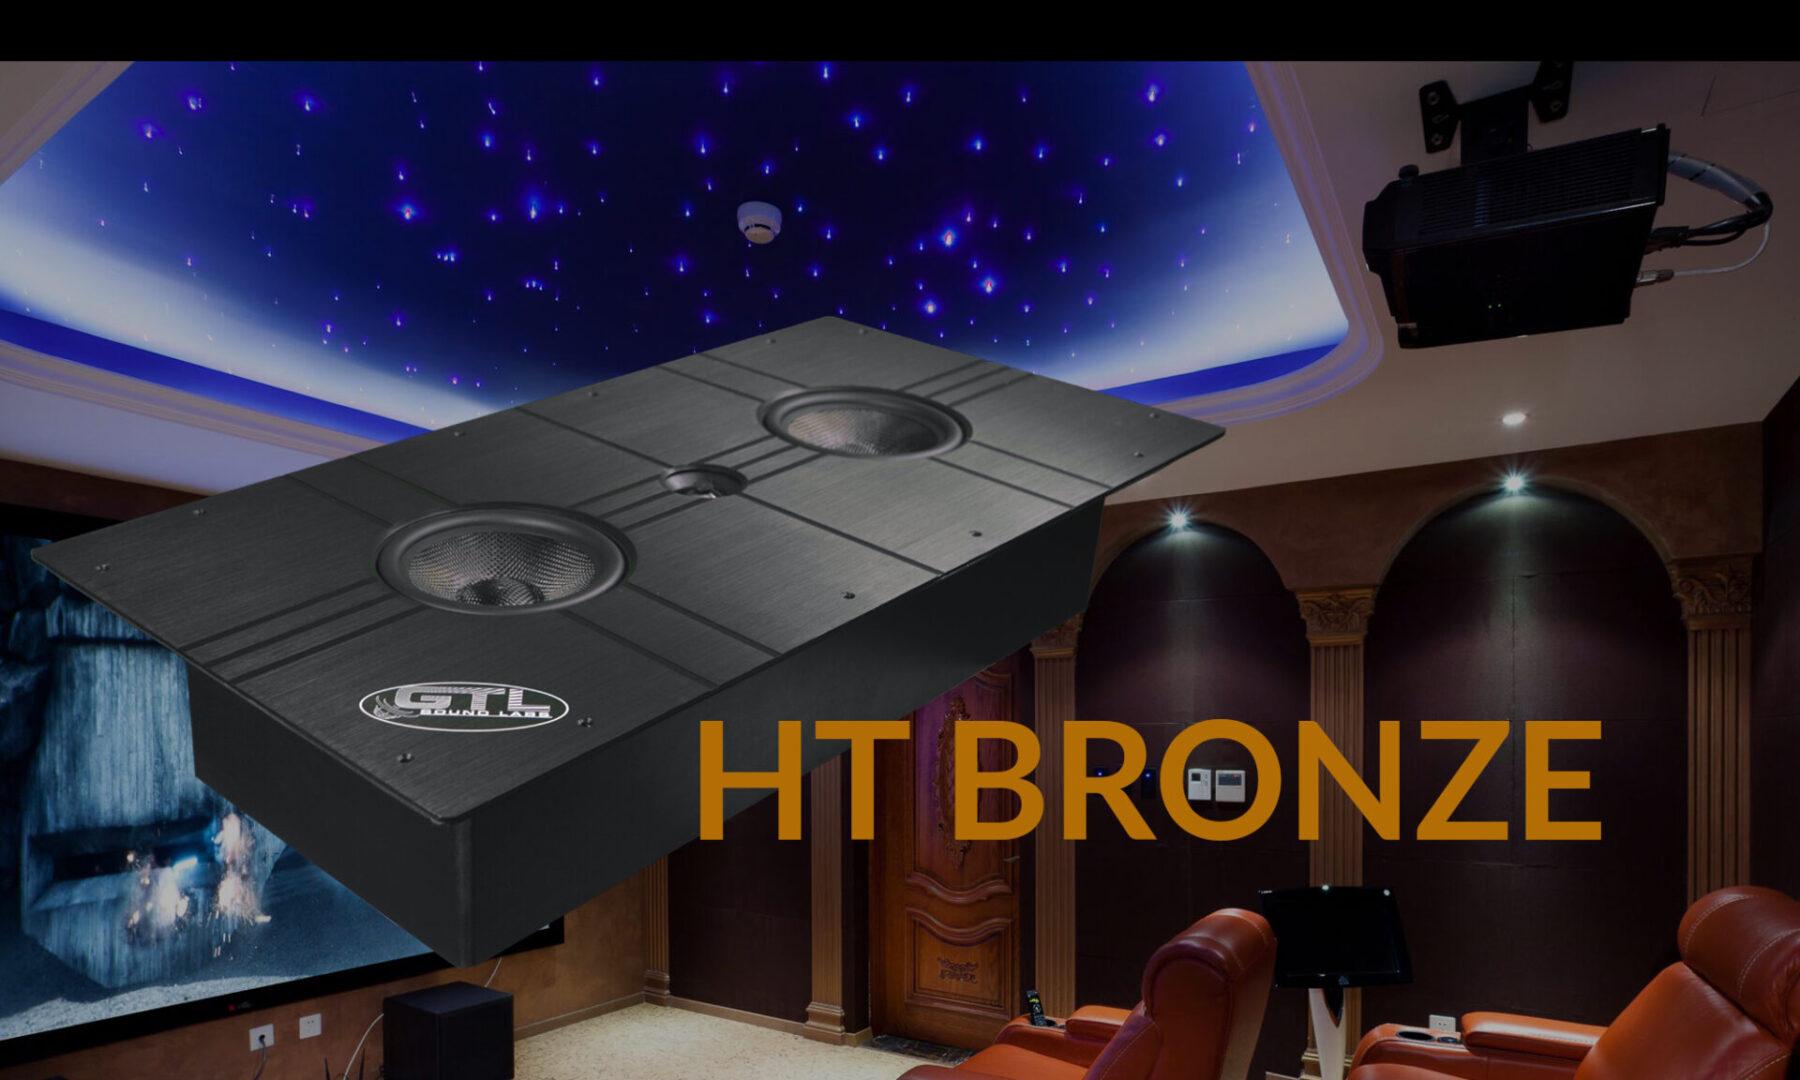 HT_Bronze_Full_Size_header